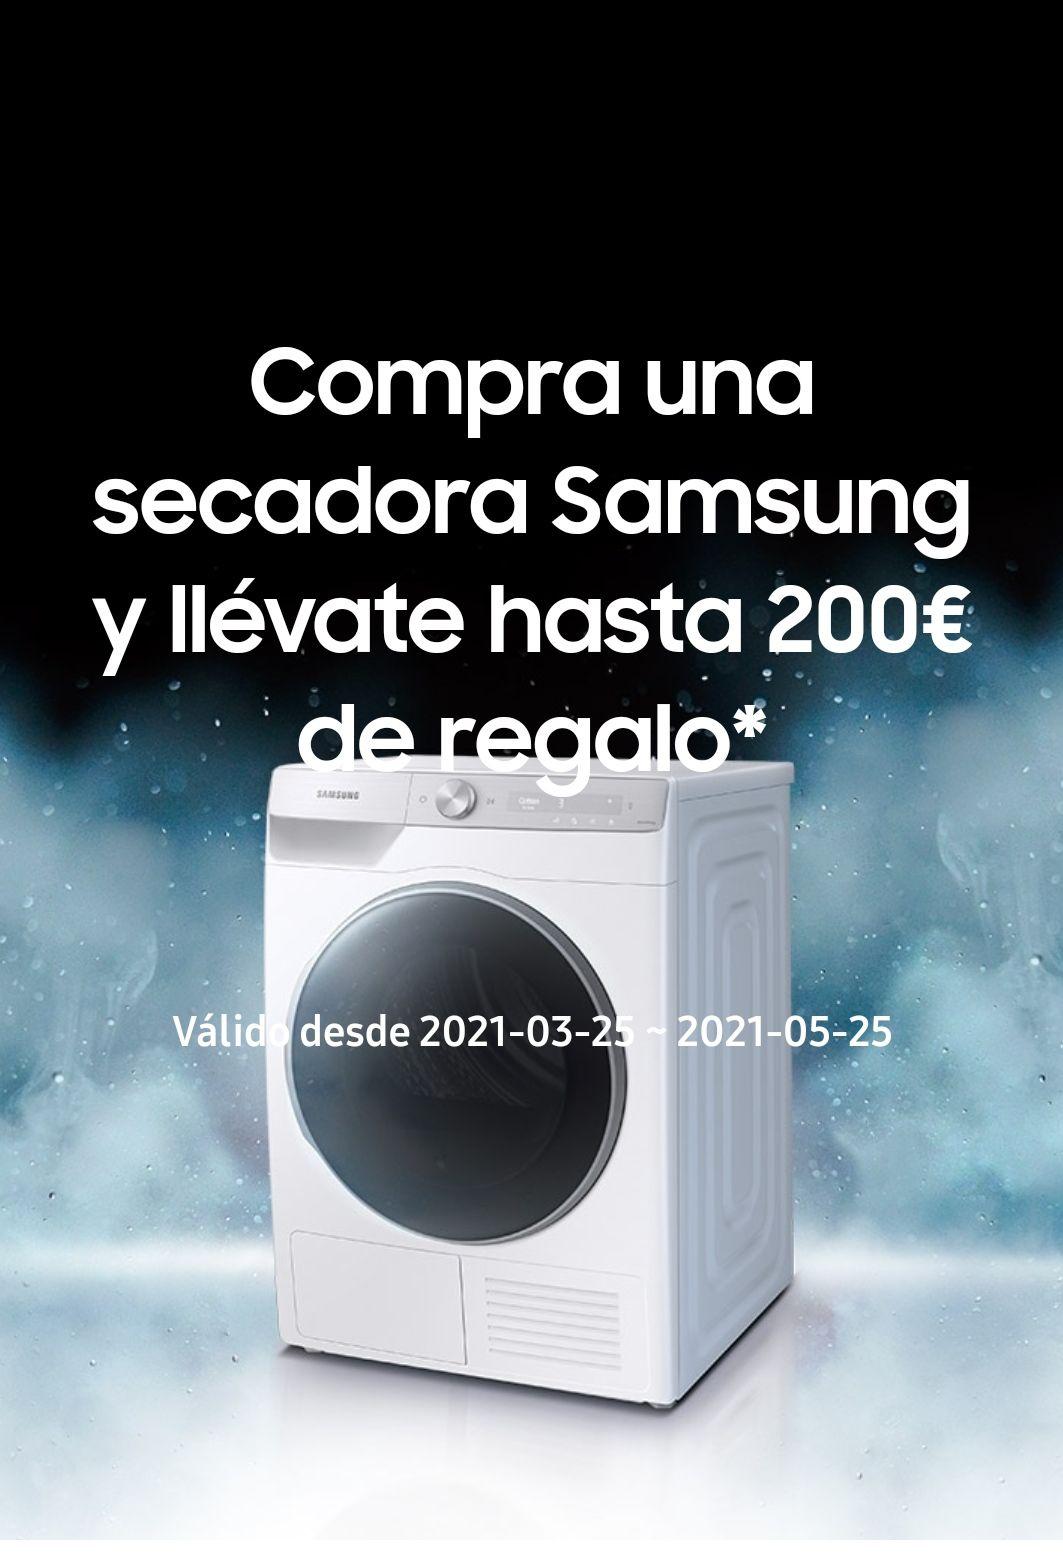 Hasta 200e de regalo por la compra de tu secadora Samsung